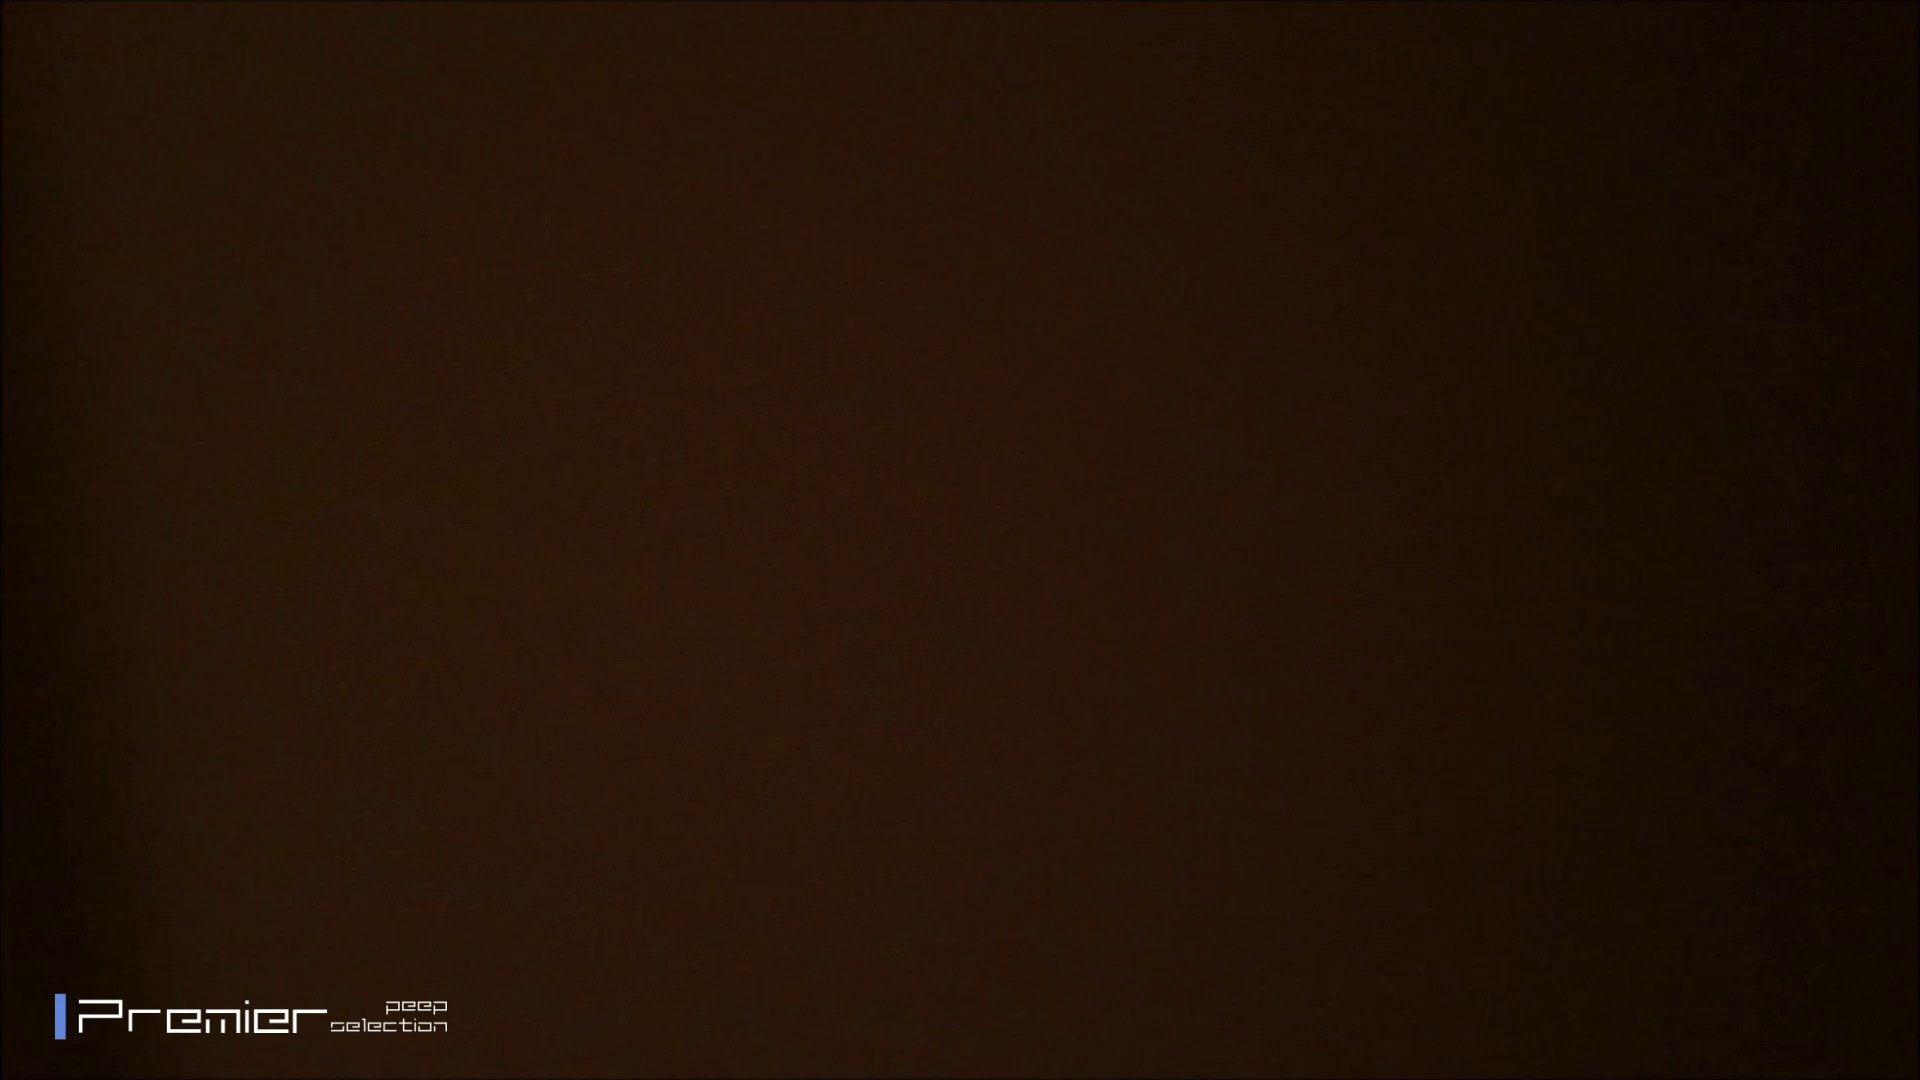 シャワーのお湯を跳ね返すお肌 乙女の風呂場 Vol.03 乙女もsex AV無料動画キャプチャ 108枚 83